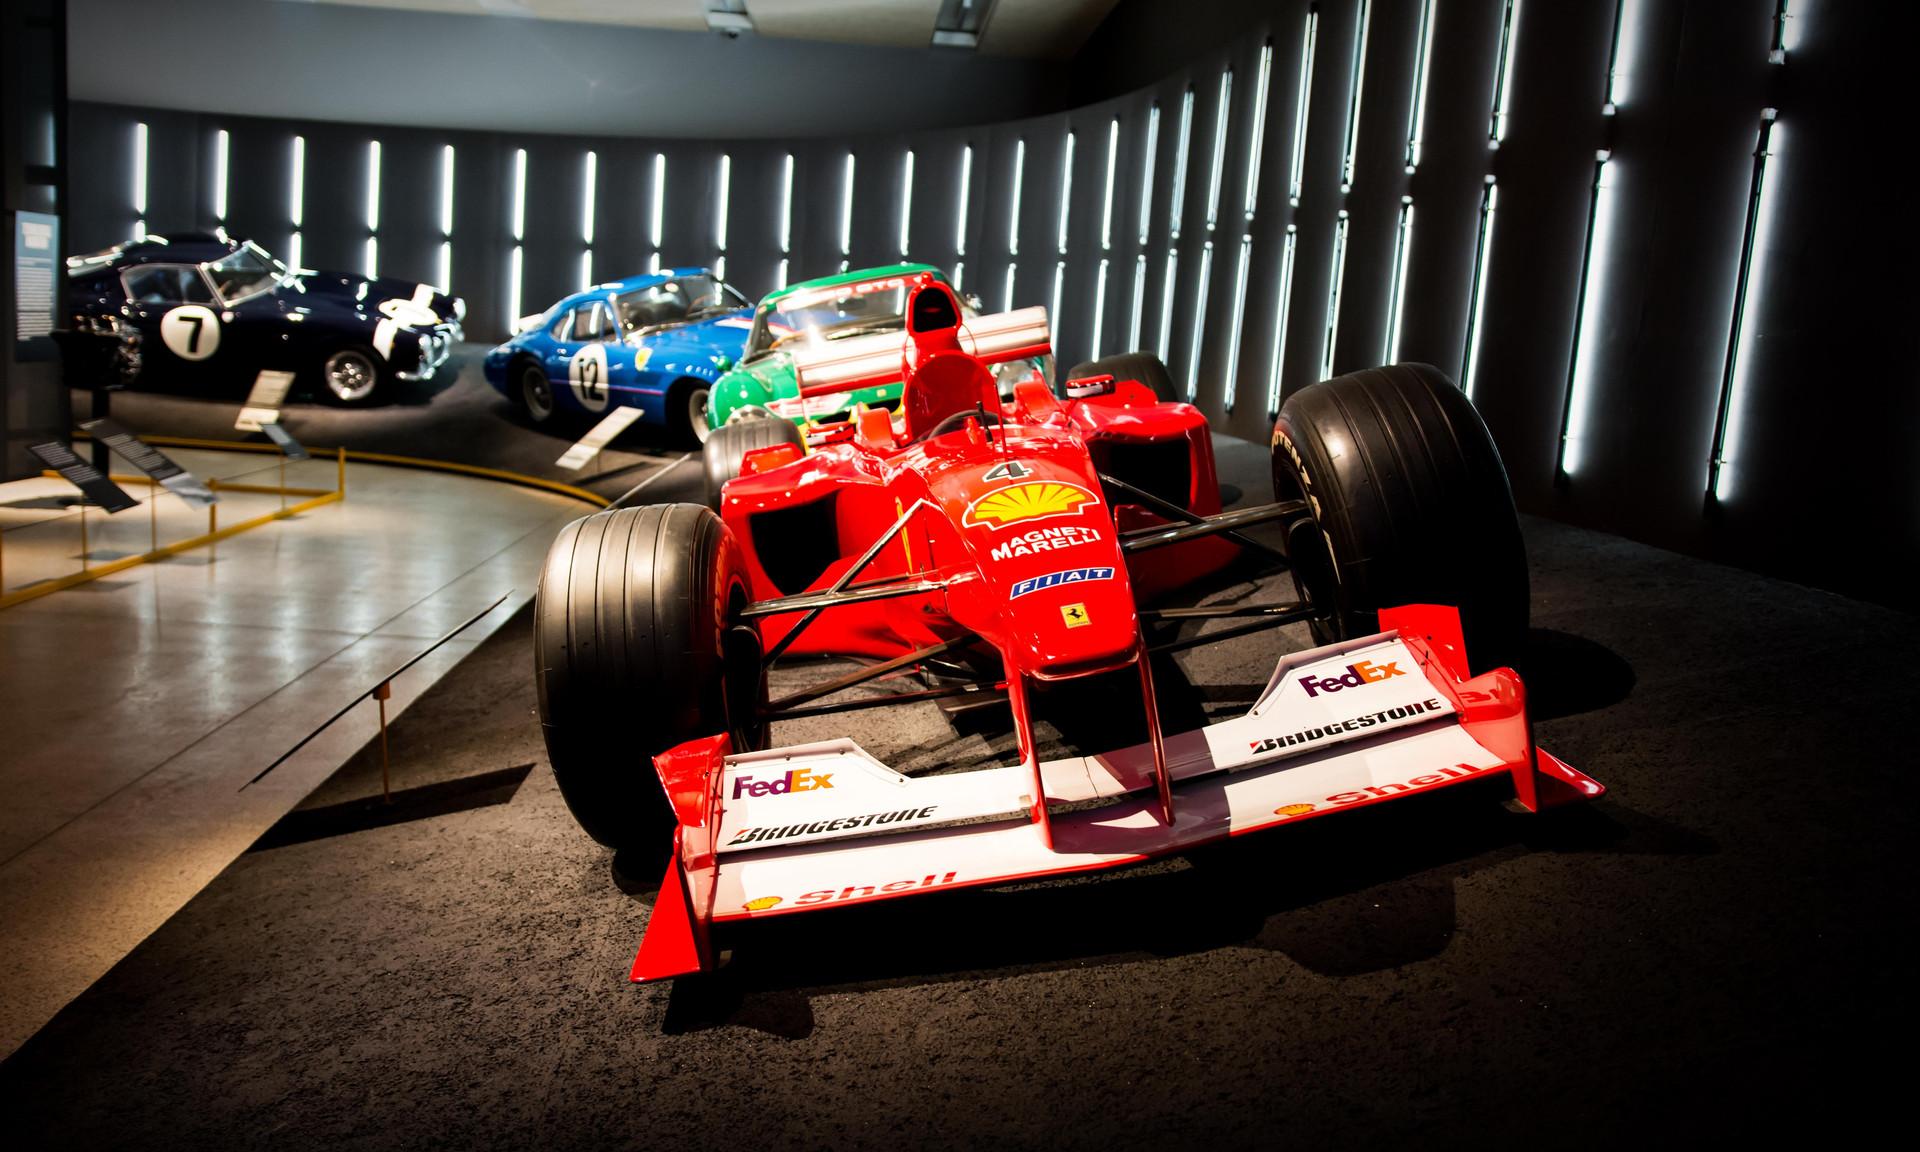 Ferrari F2000 F1